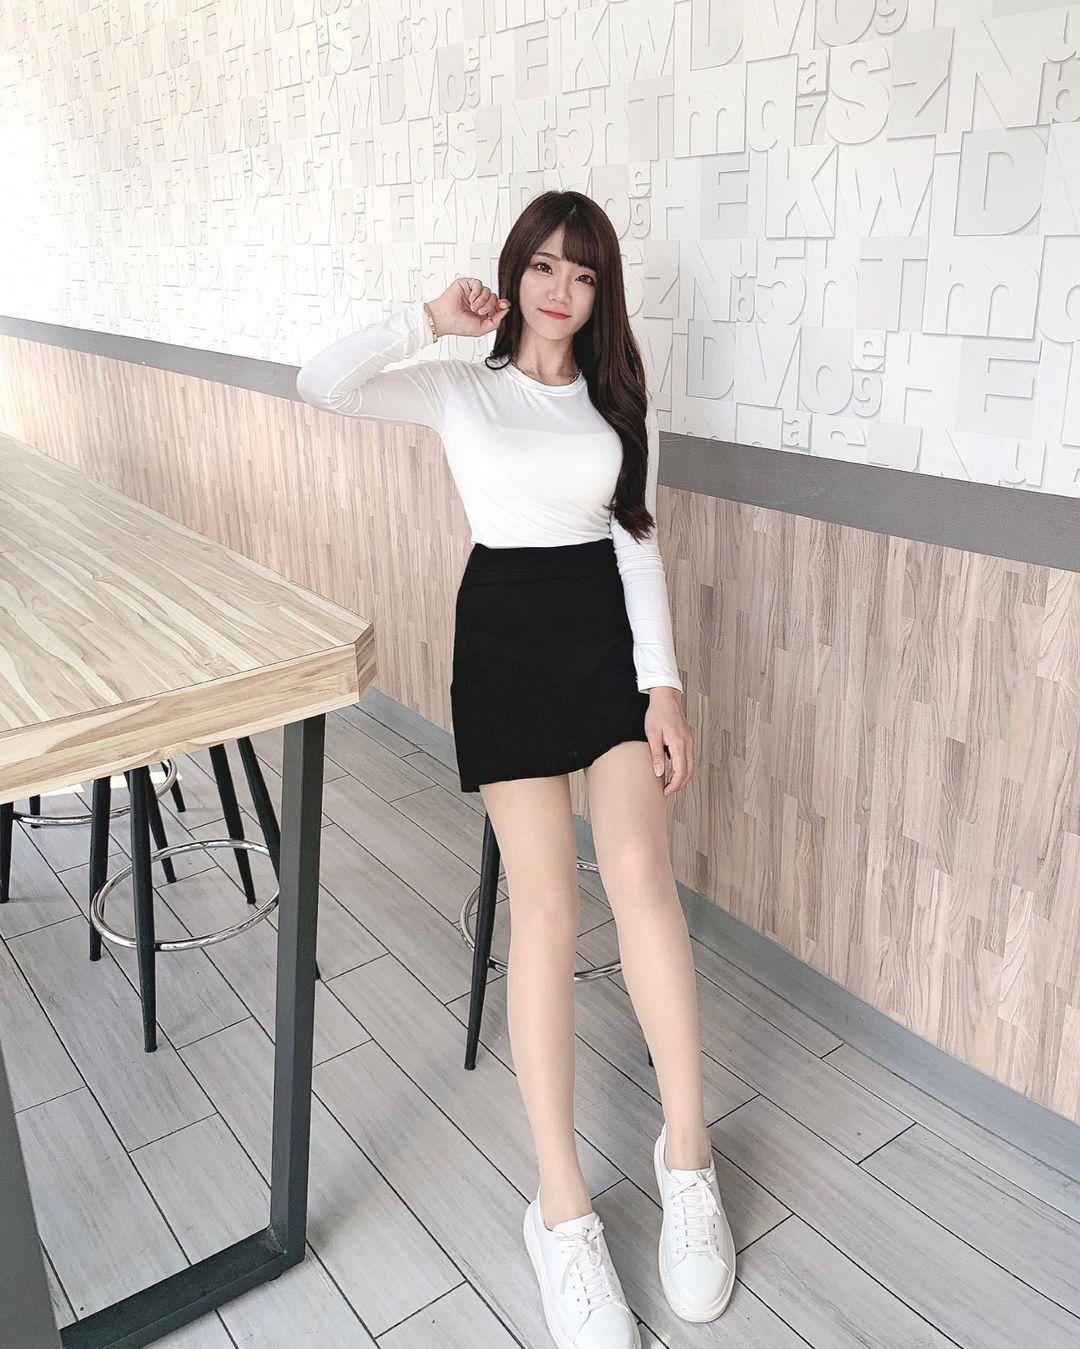 清纯甜美的正妹平面设计师Chen臻儿 多才多艺还有好身材 养眼图片 第9张